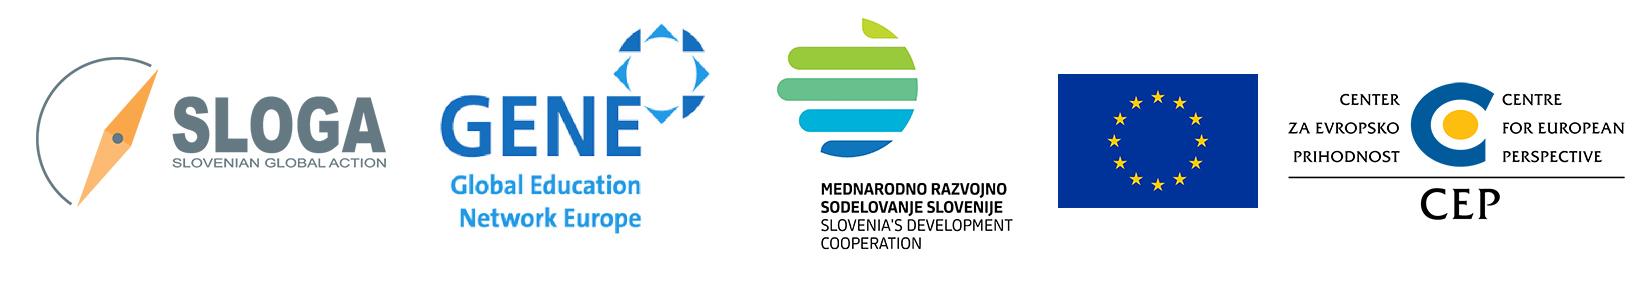 logotipi ustvarjanilnik